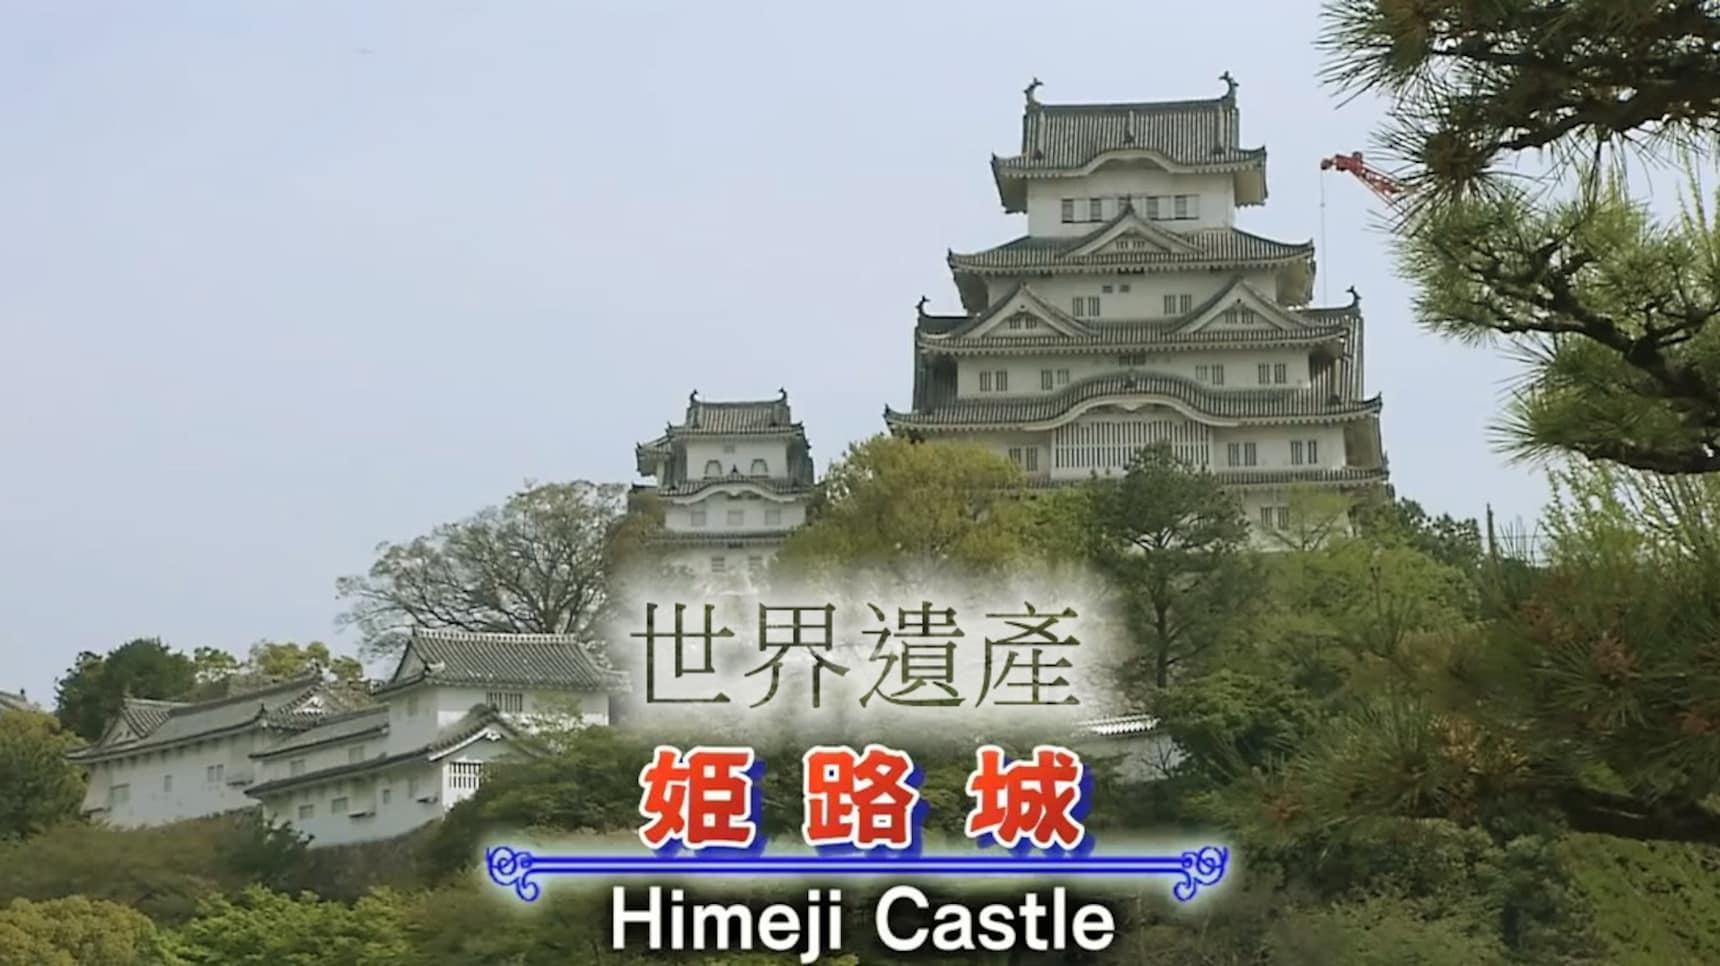 探访日式城堡,带你玩遍世界遗产「姬路城」